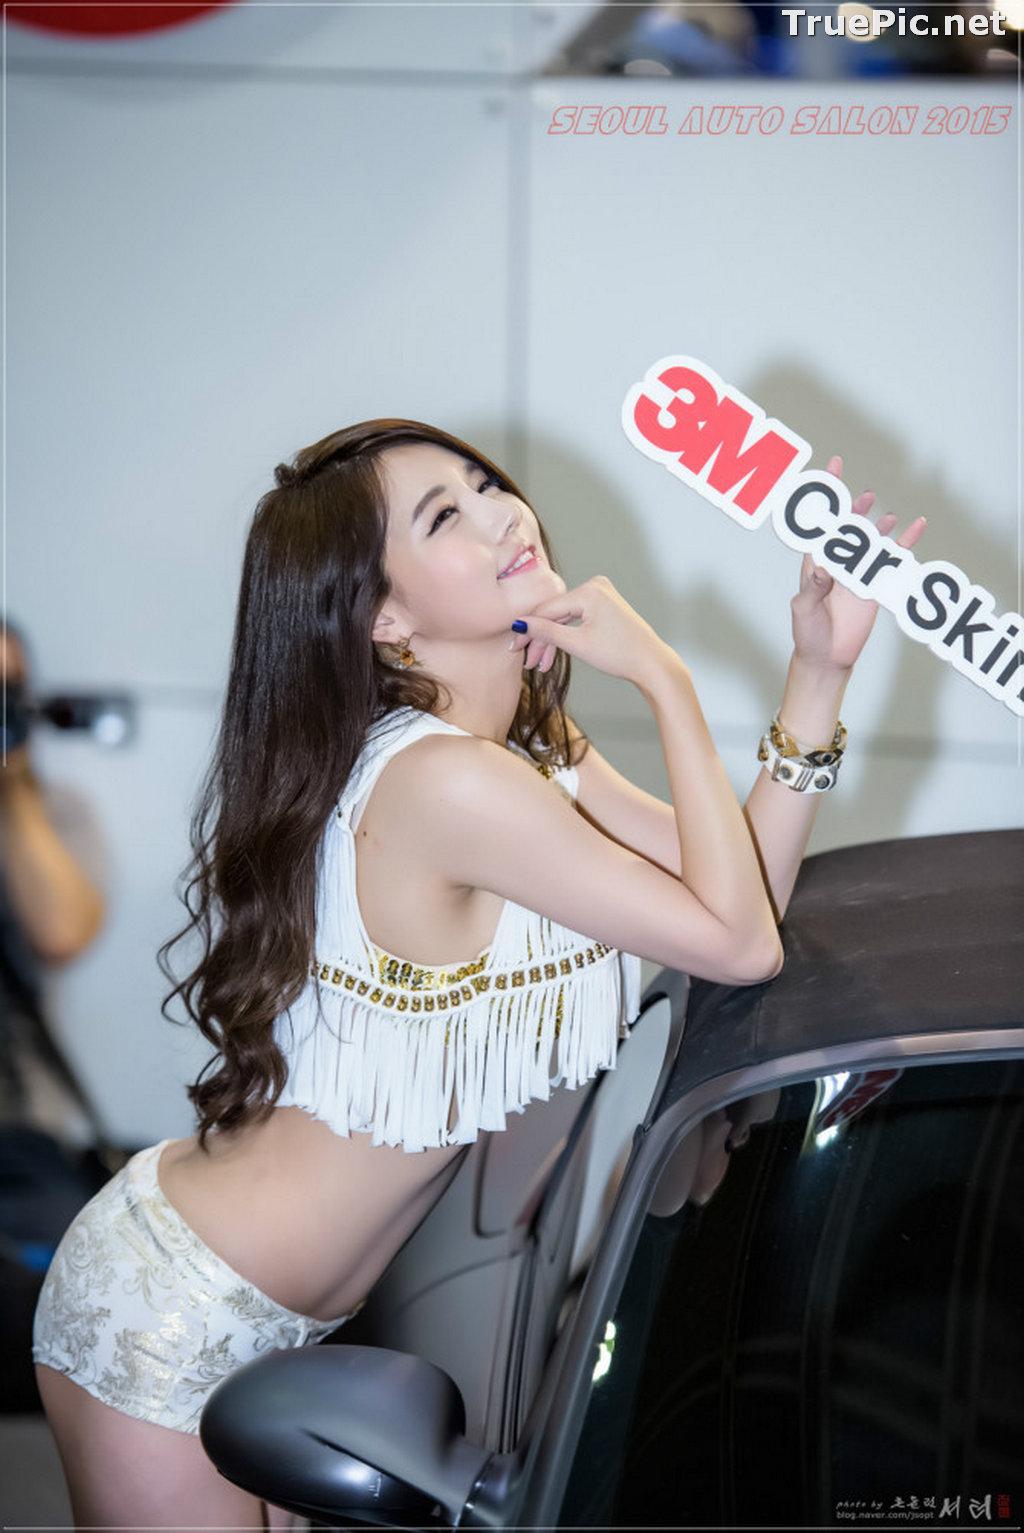 Image Best Beautiful Images Of Korean Racing Queen Han Ga Eun #1 - TruePic.net - Picture-10